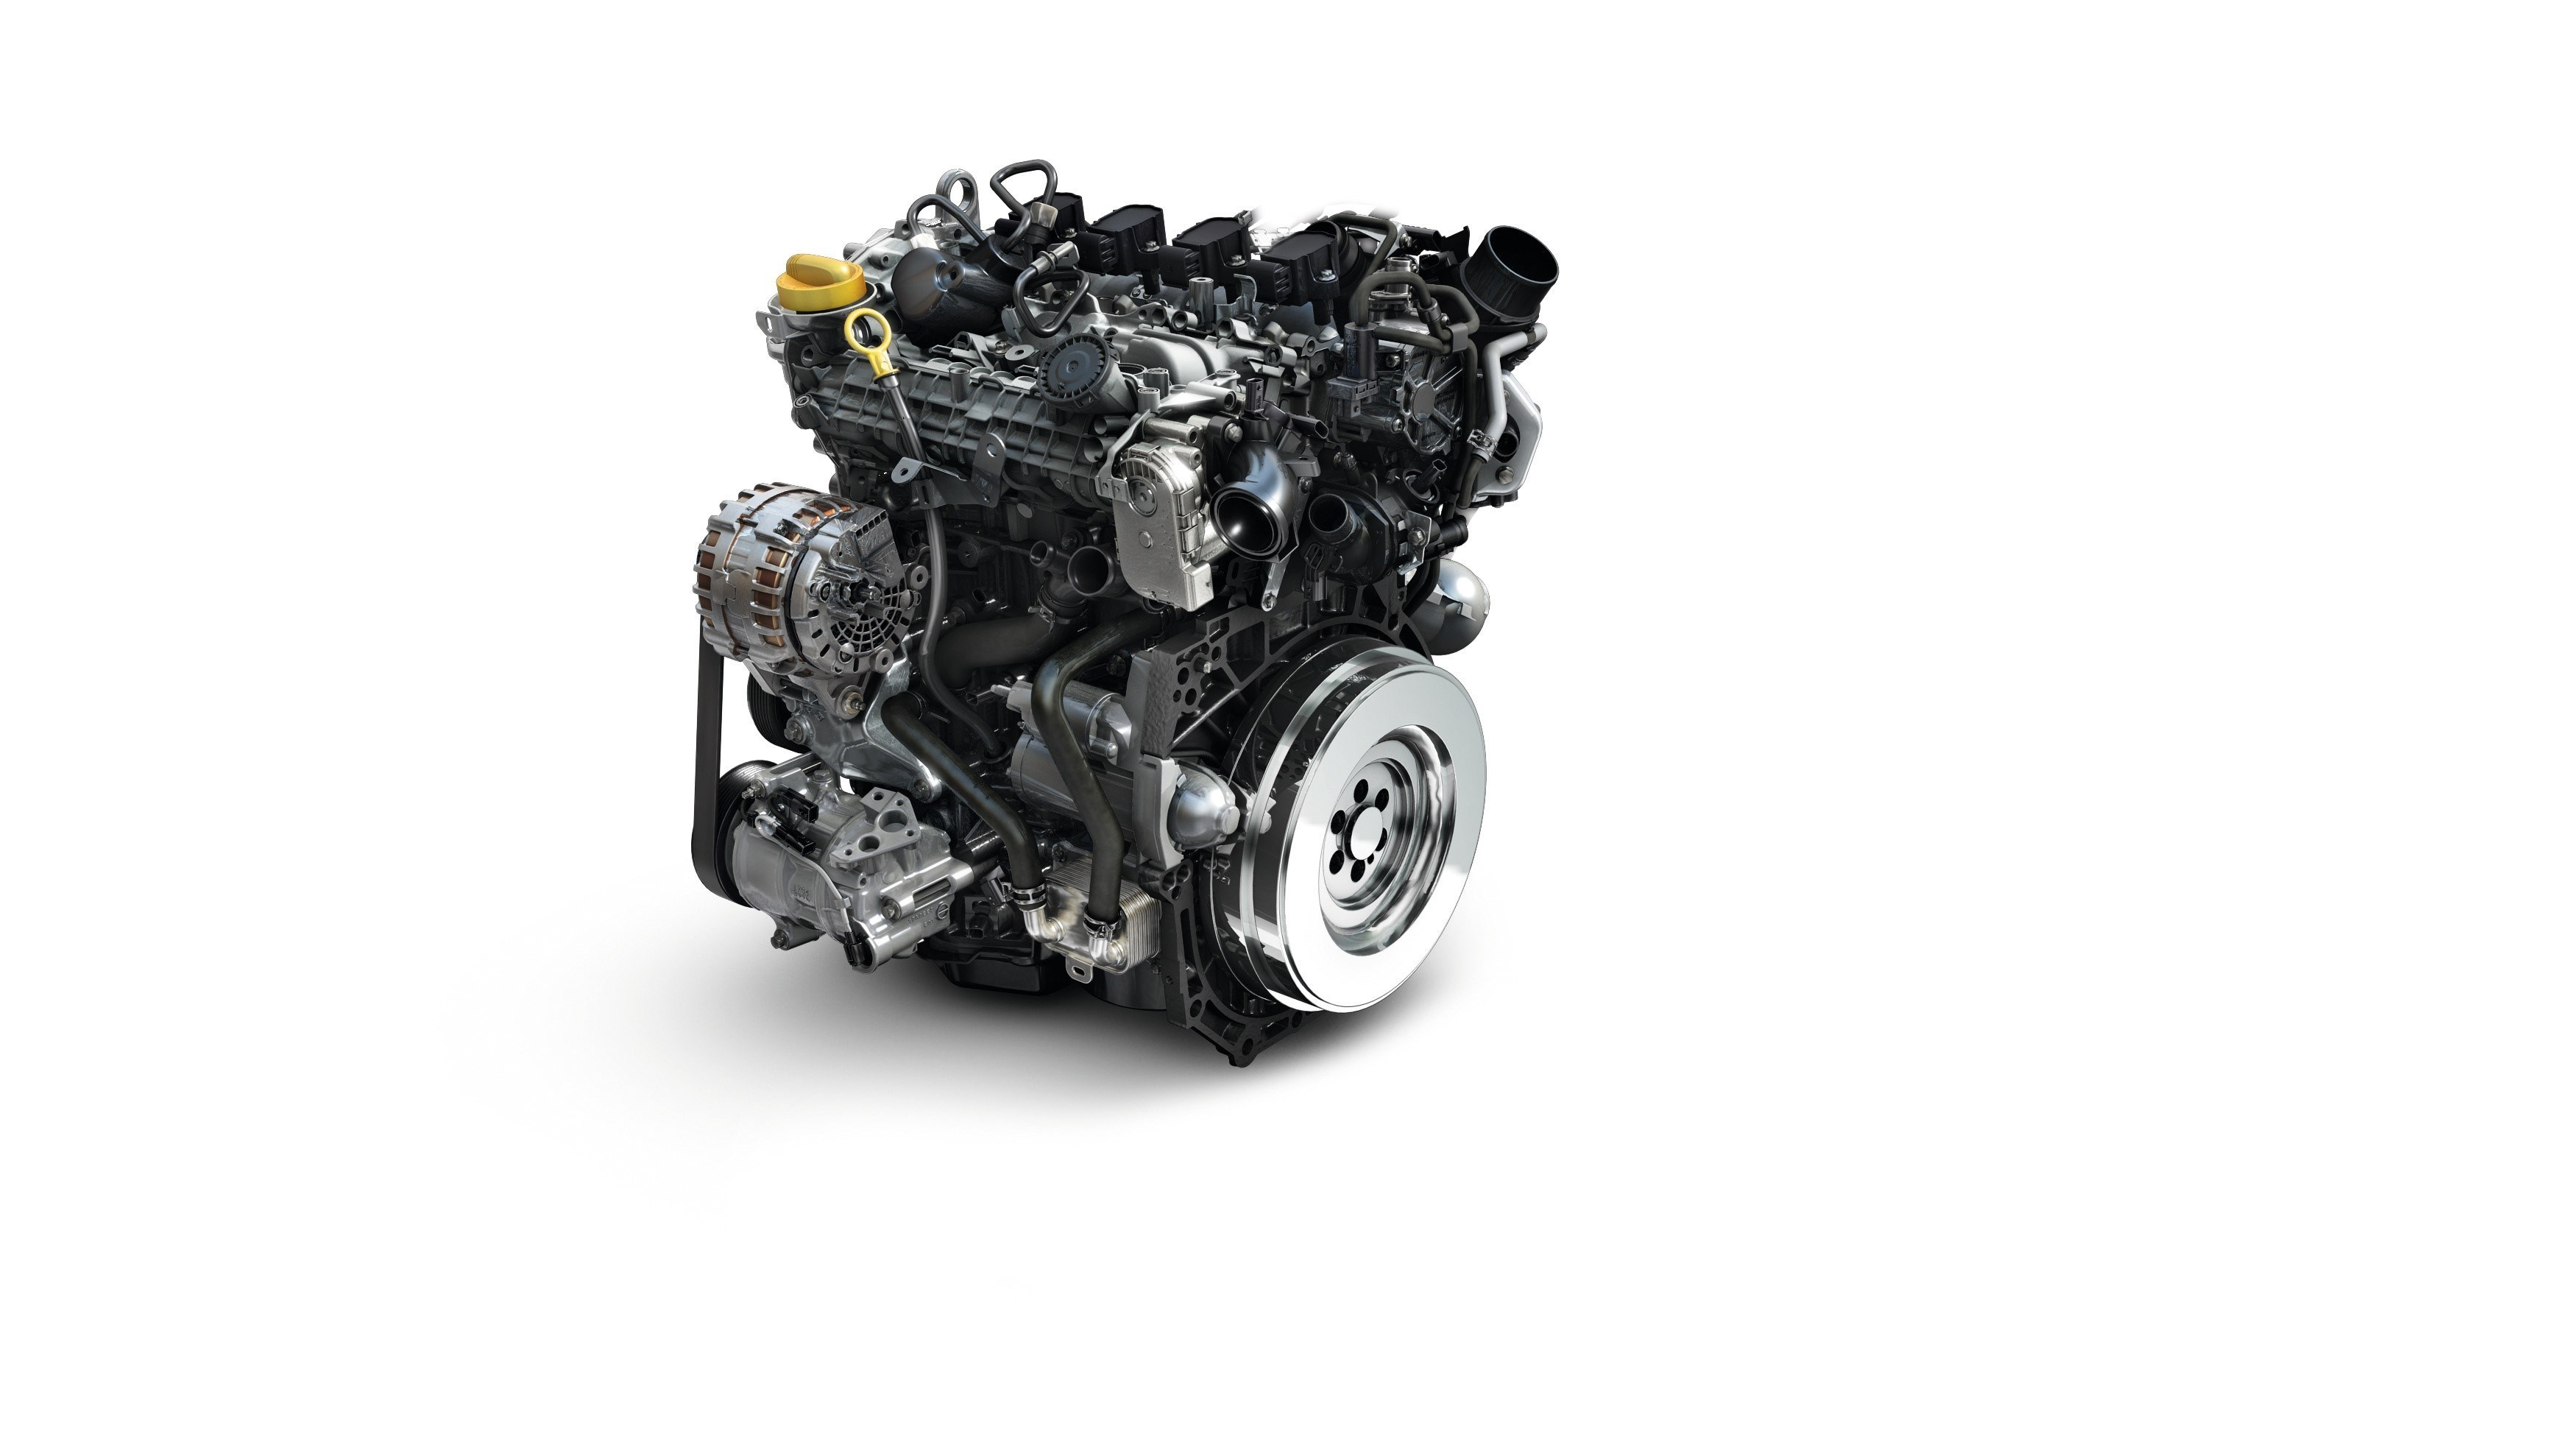 Νέος κινητήρας από τη RENAULT- Η τεχνολογία της F1 στα χέρια κάθε οδηγού